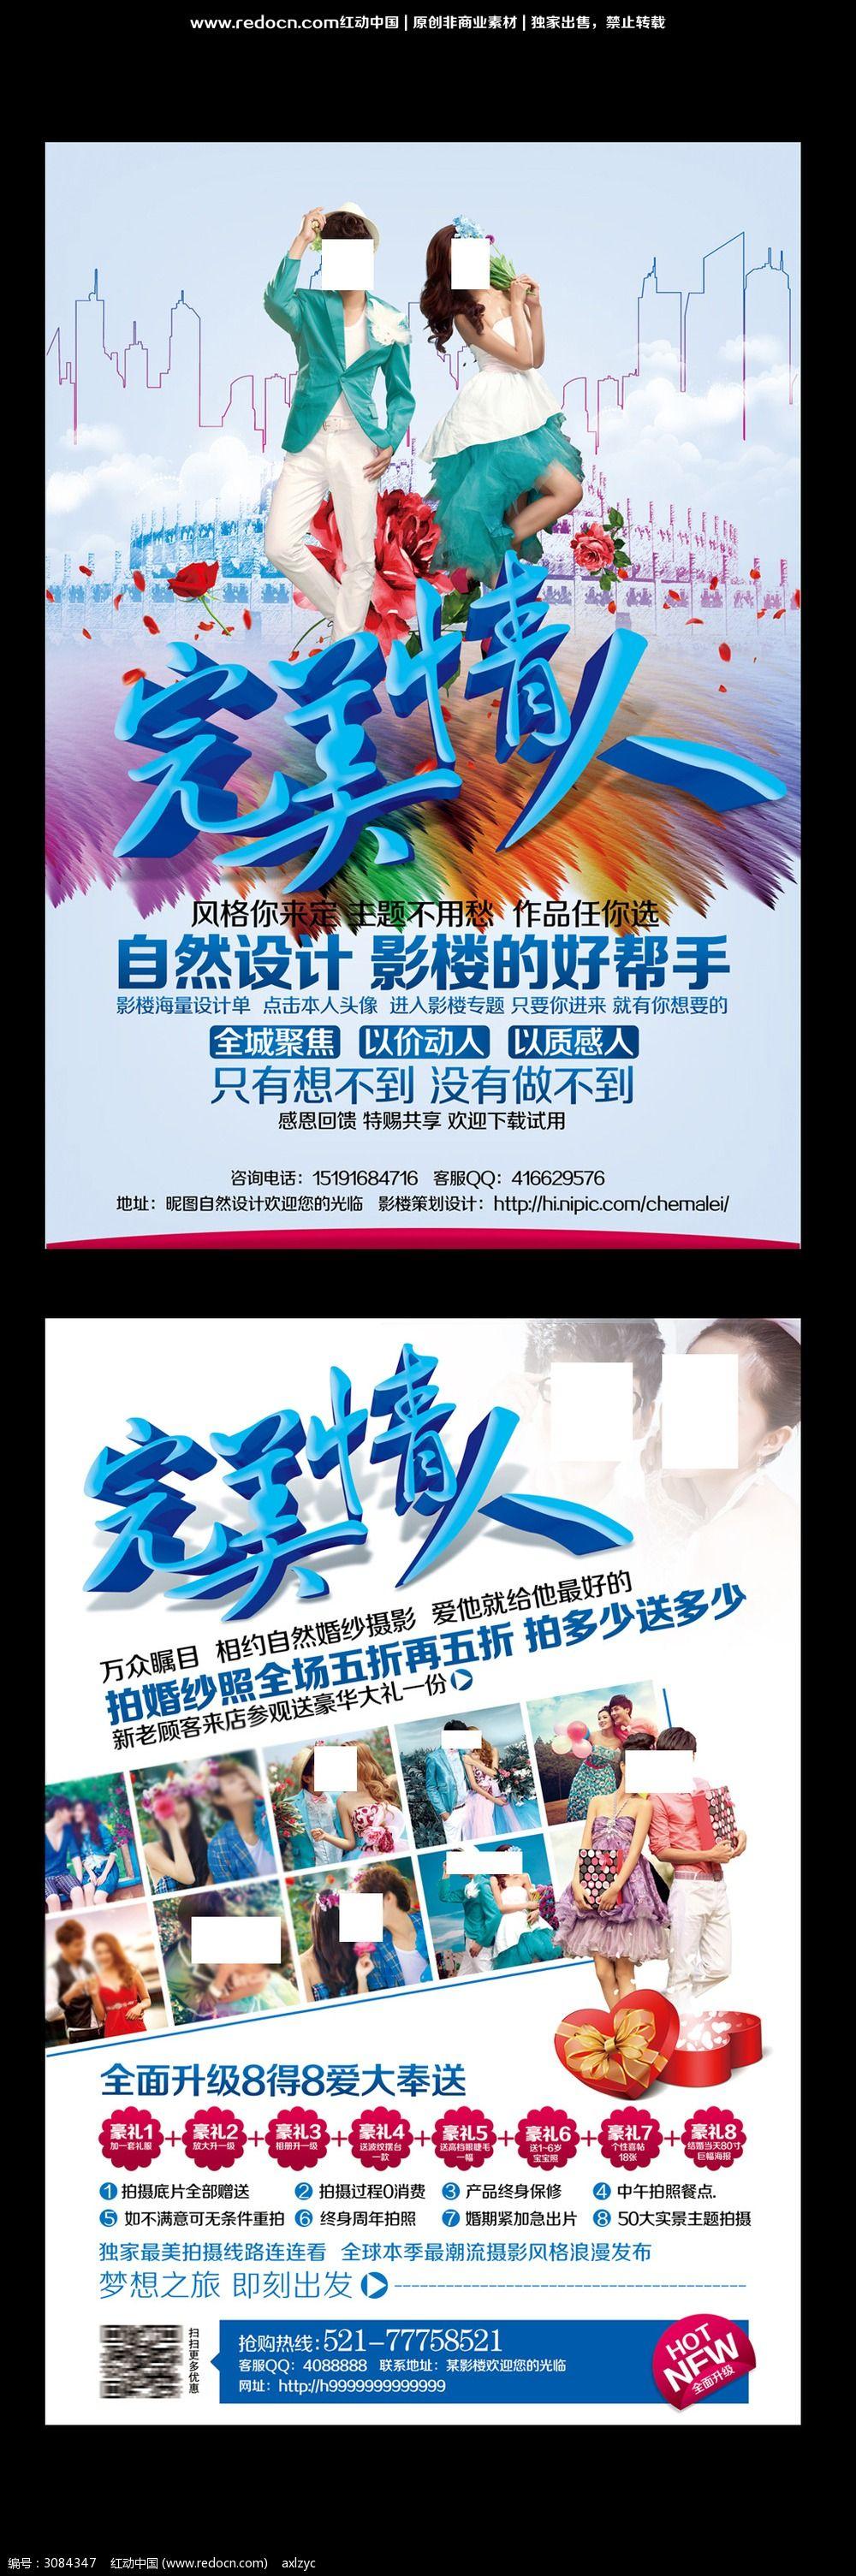 婚纱影楼国庆节活动宣传单